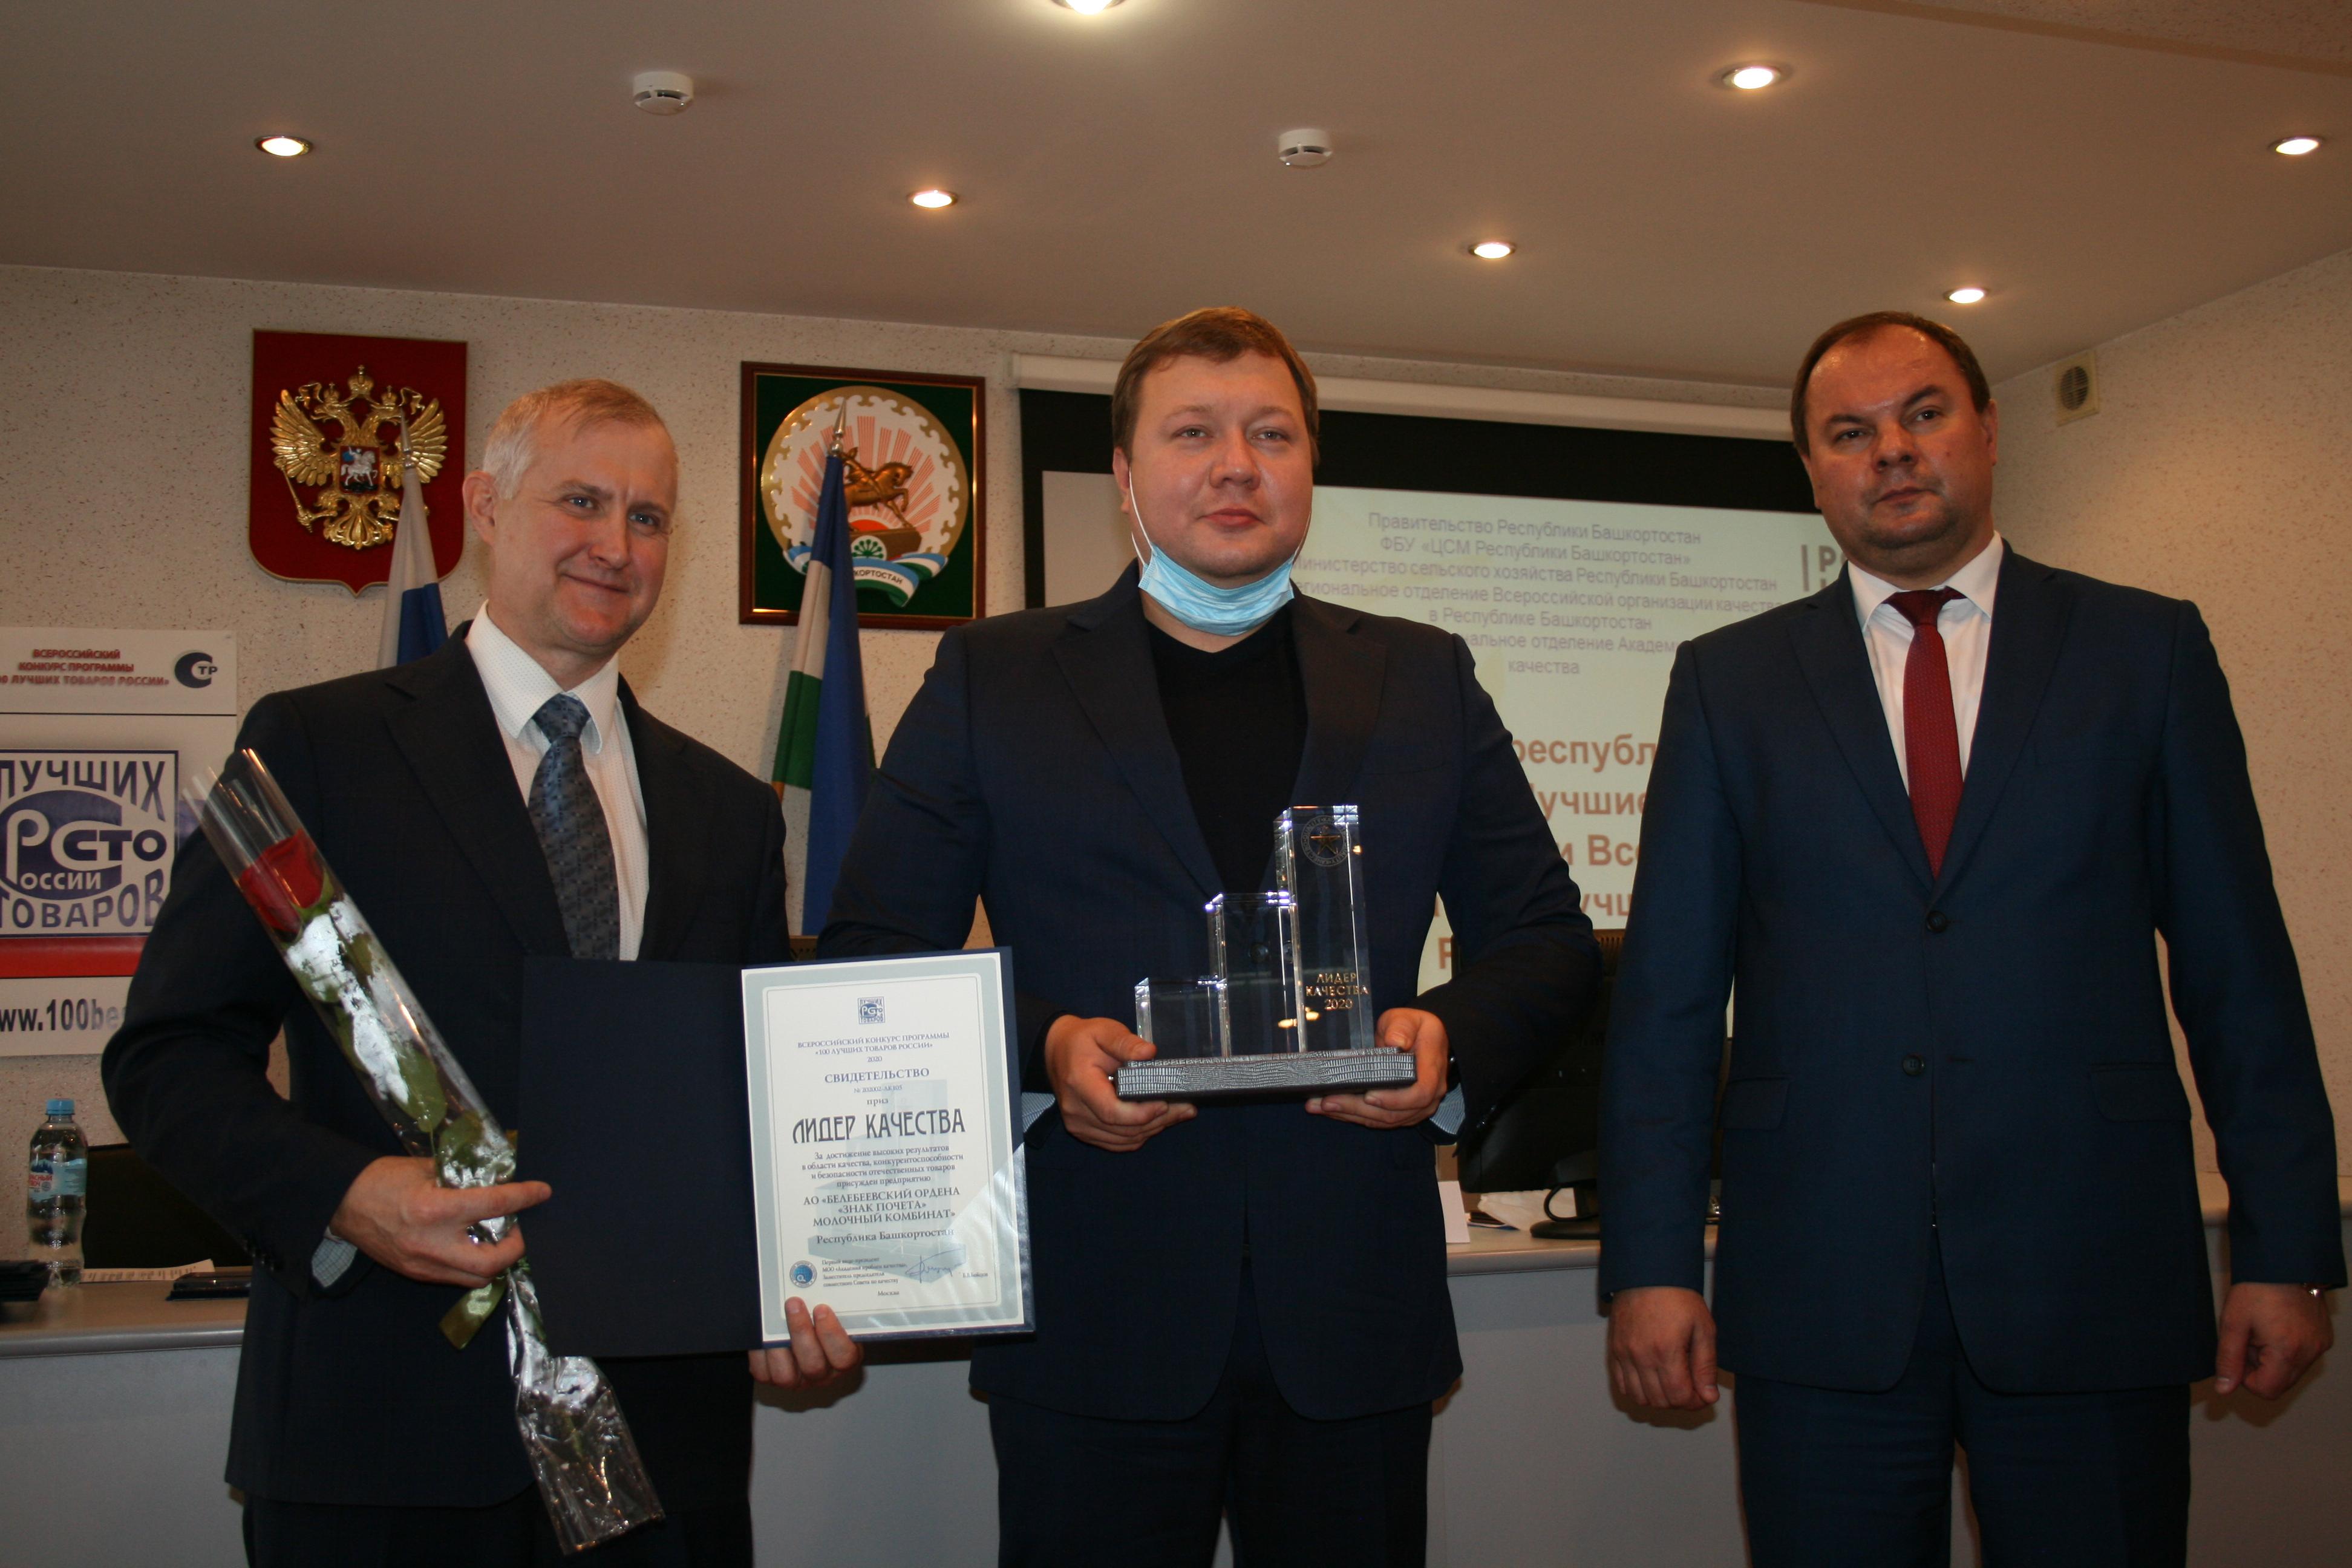 В ЦСМ Республики Башкортостан прошла церемония награждения победителей конкурсов в области качества